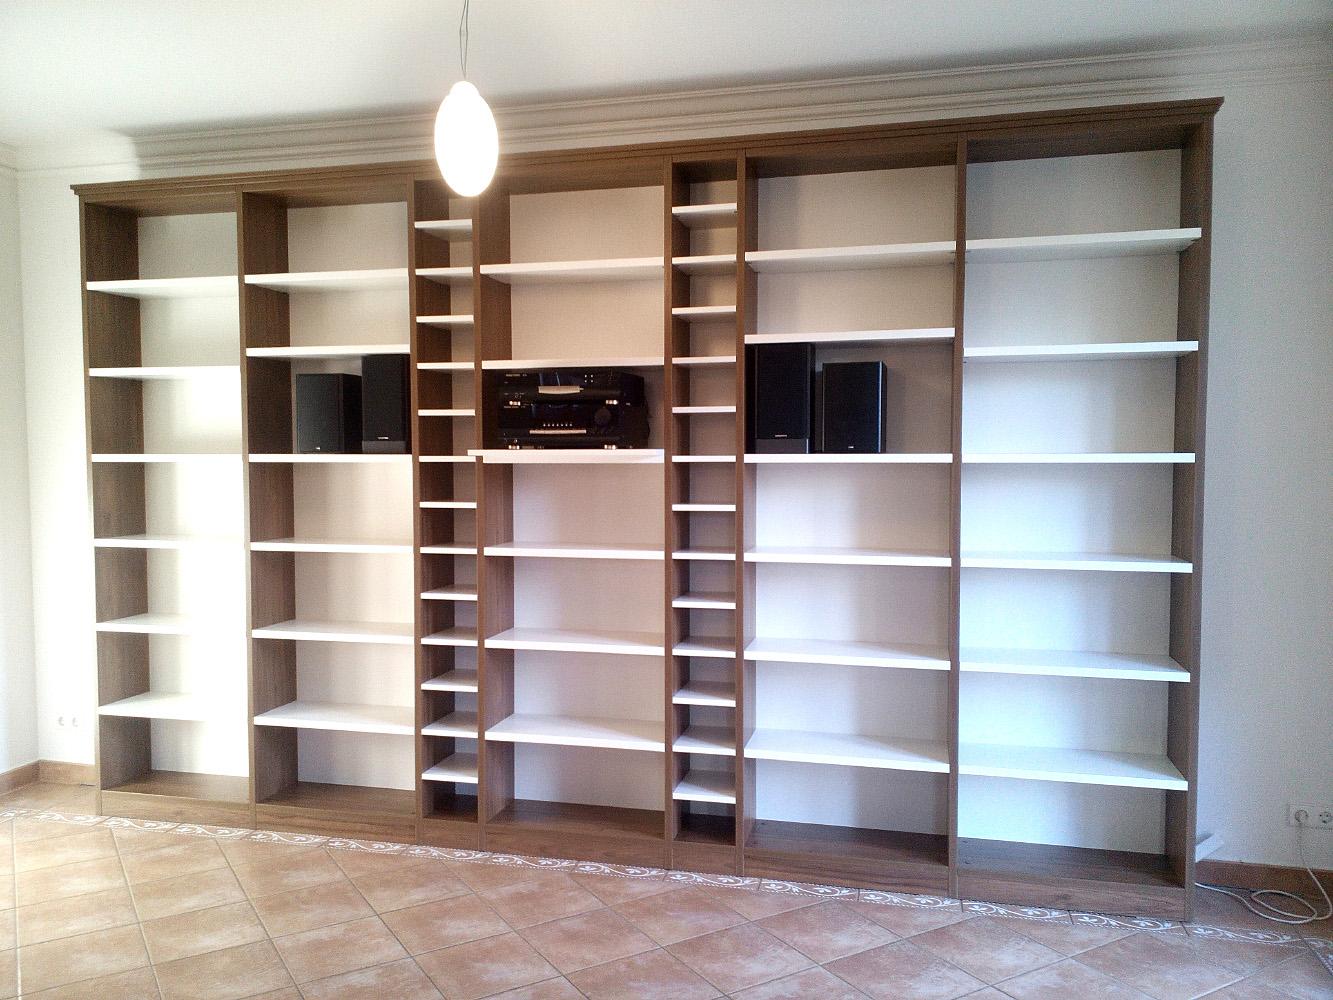 Bücherregal mit CD-Einteilung